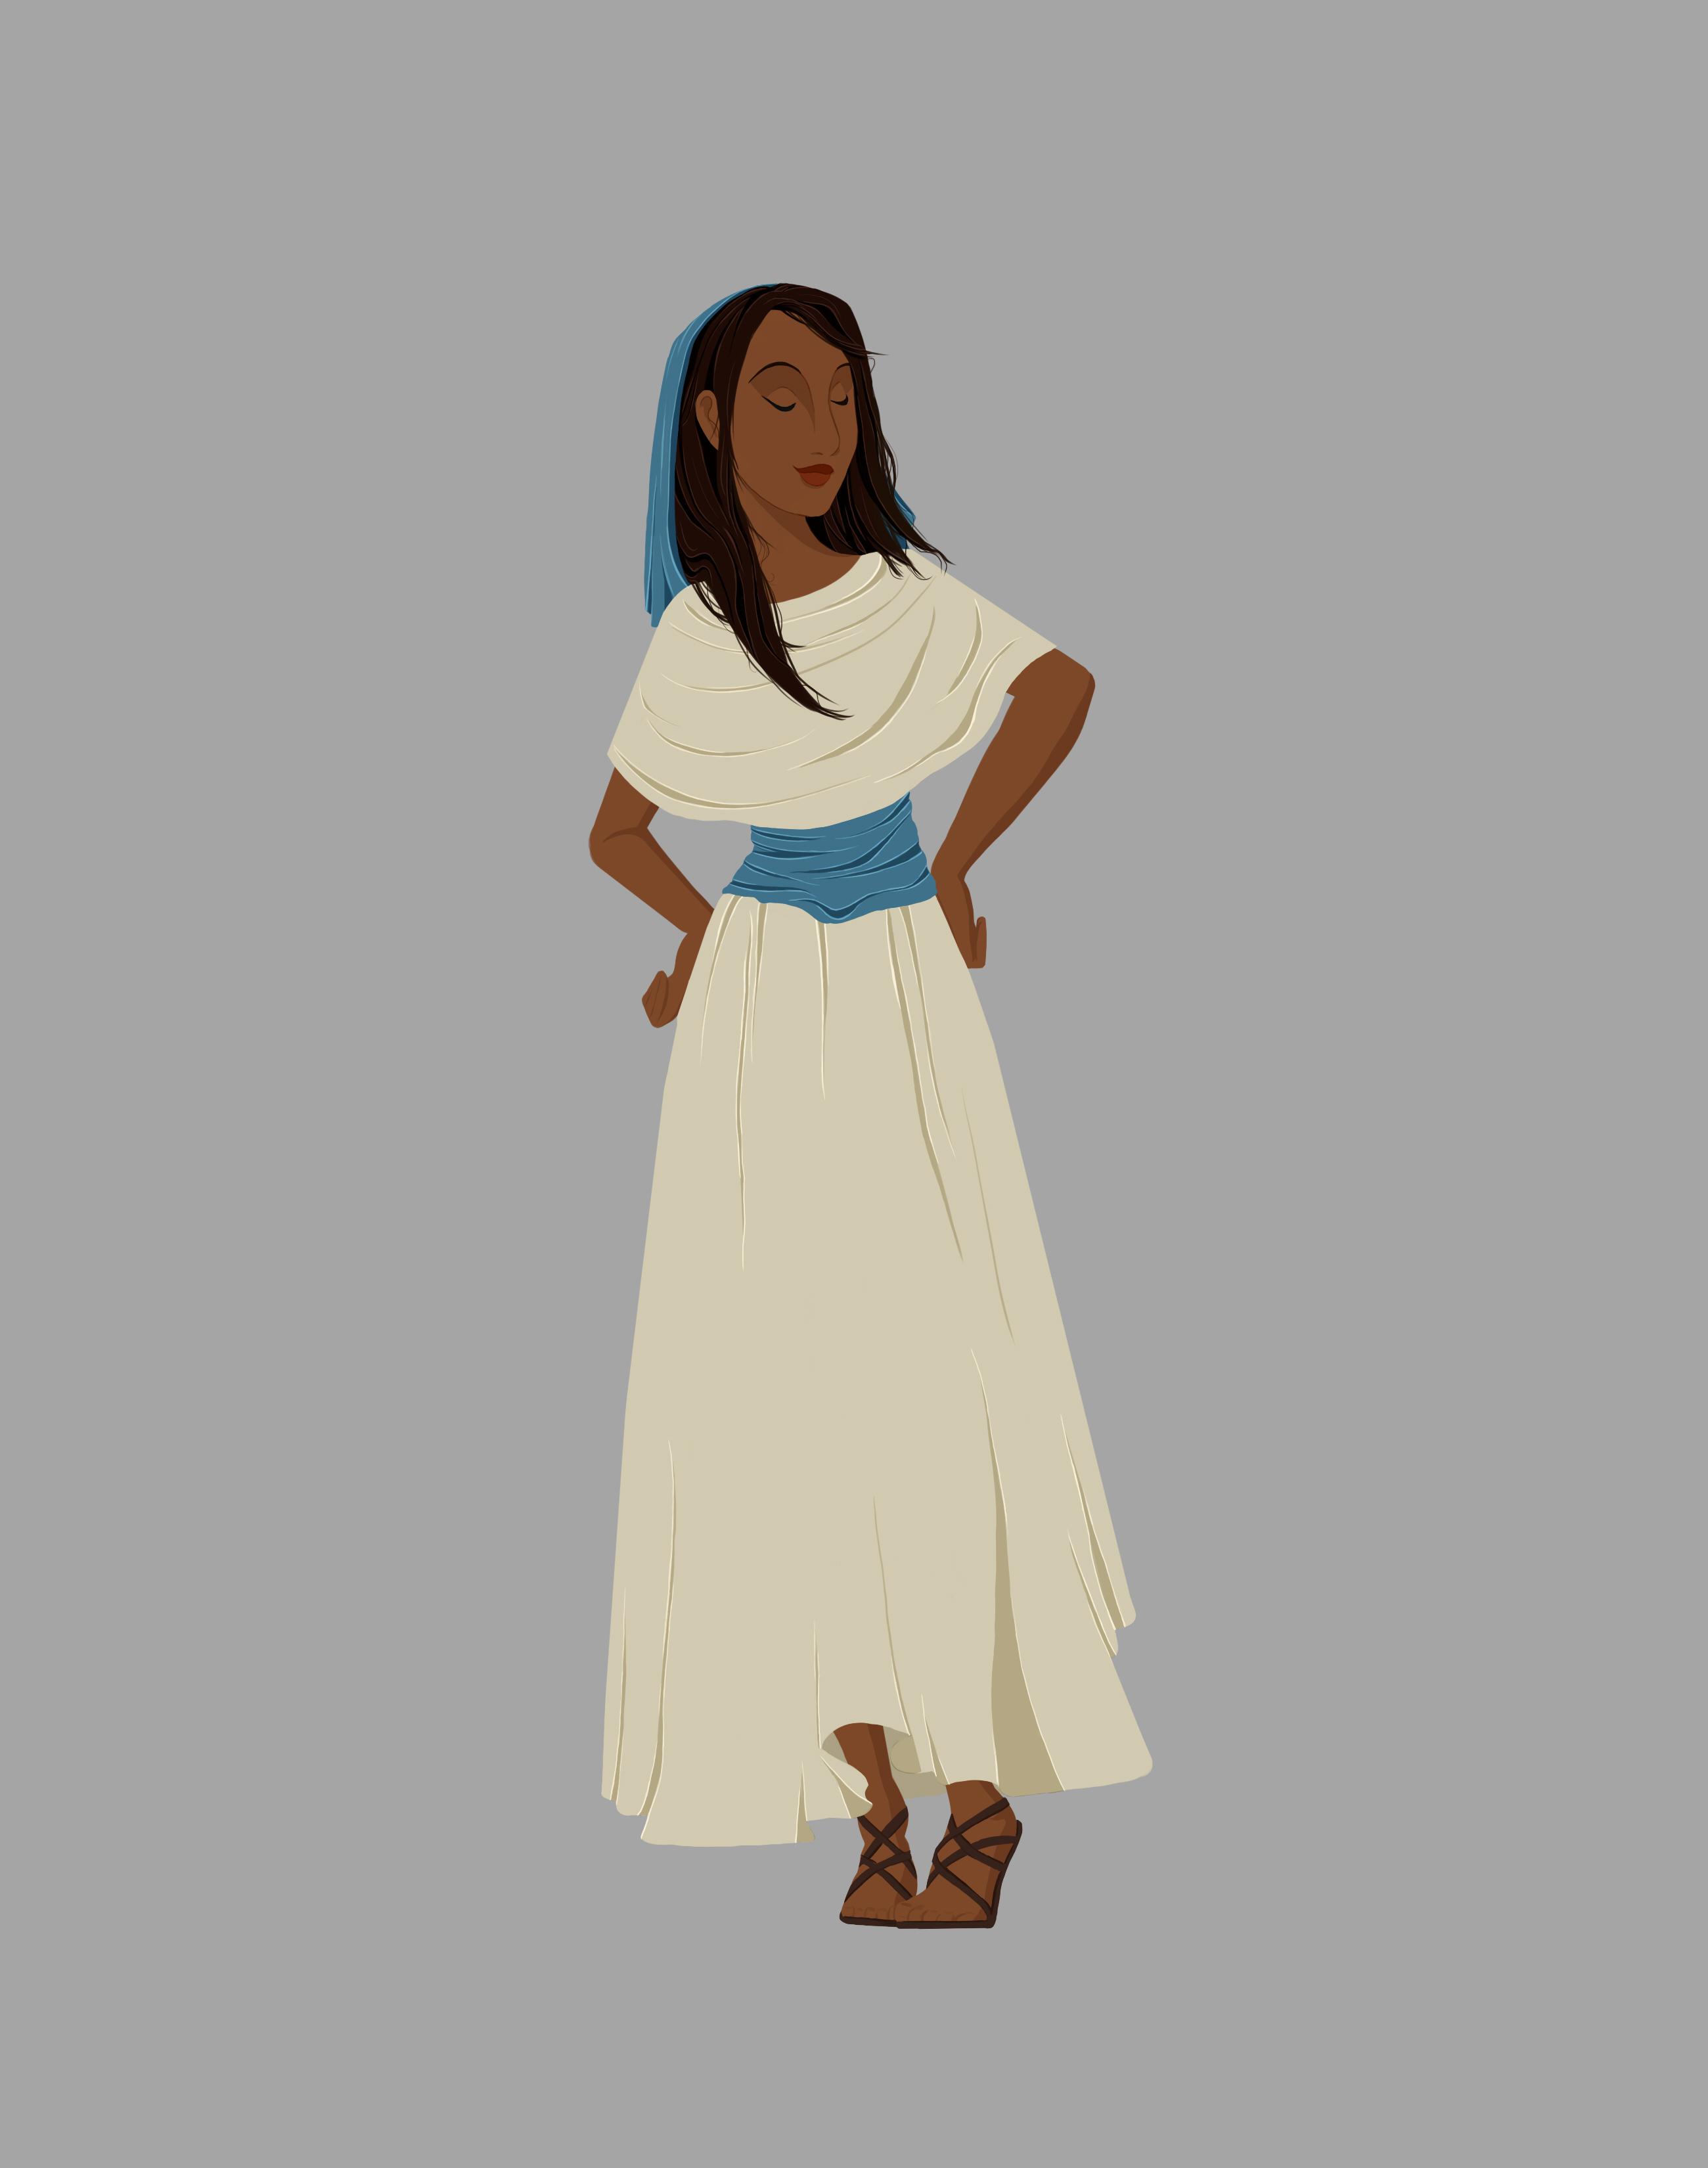 Rahab1